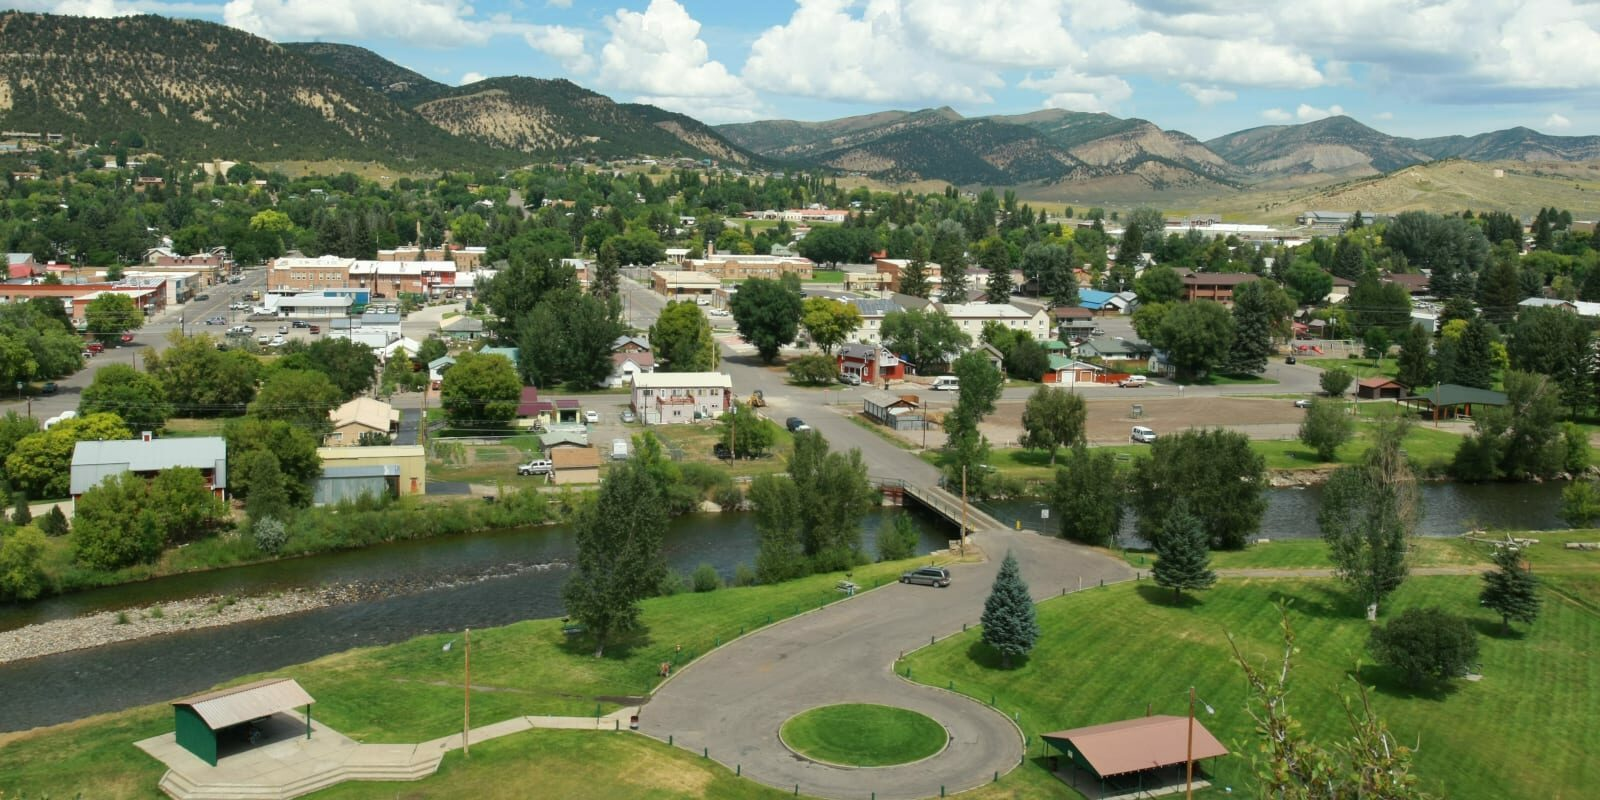 Meeker CO Summer Aerial Photo